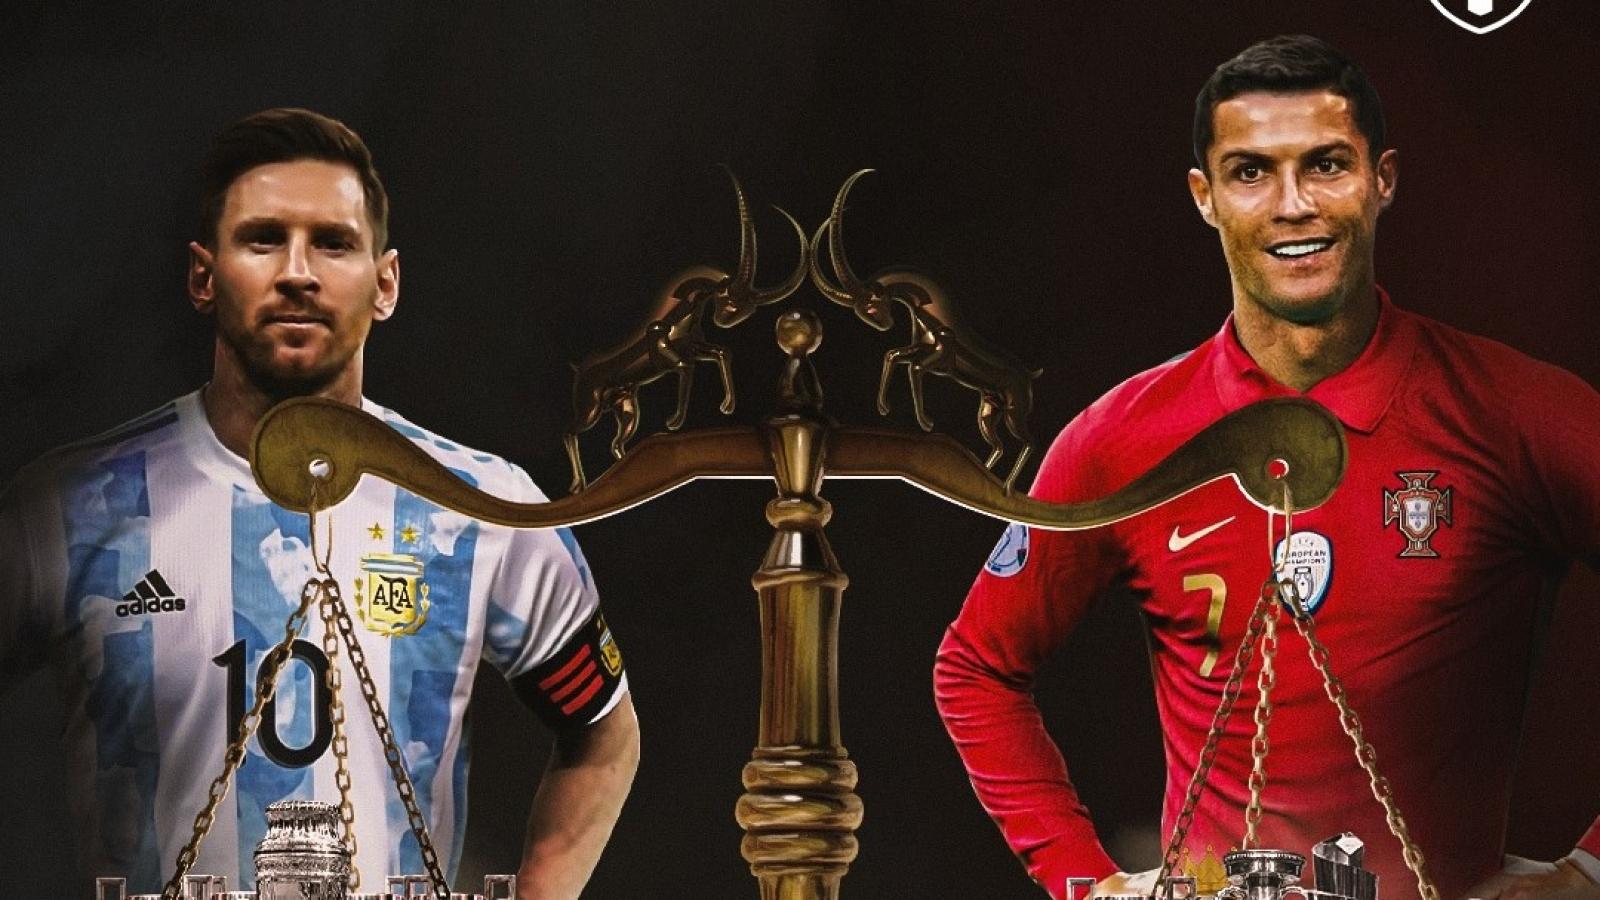 """Biếm họa 24h: Messi có sự cân bằng """"toàn diện"""" với Ronaldo khi vô địch Copa America 2021"""